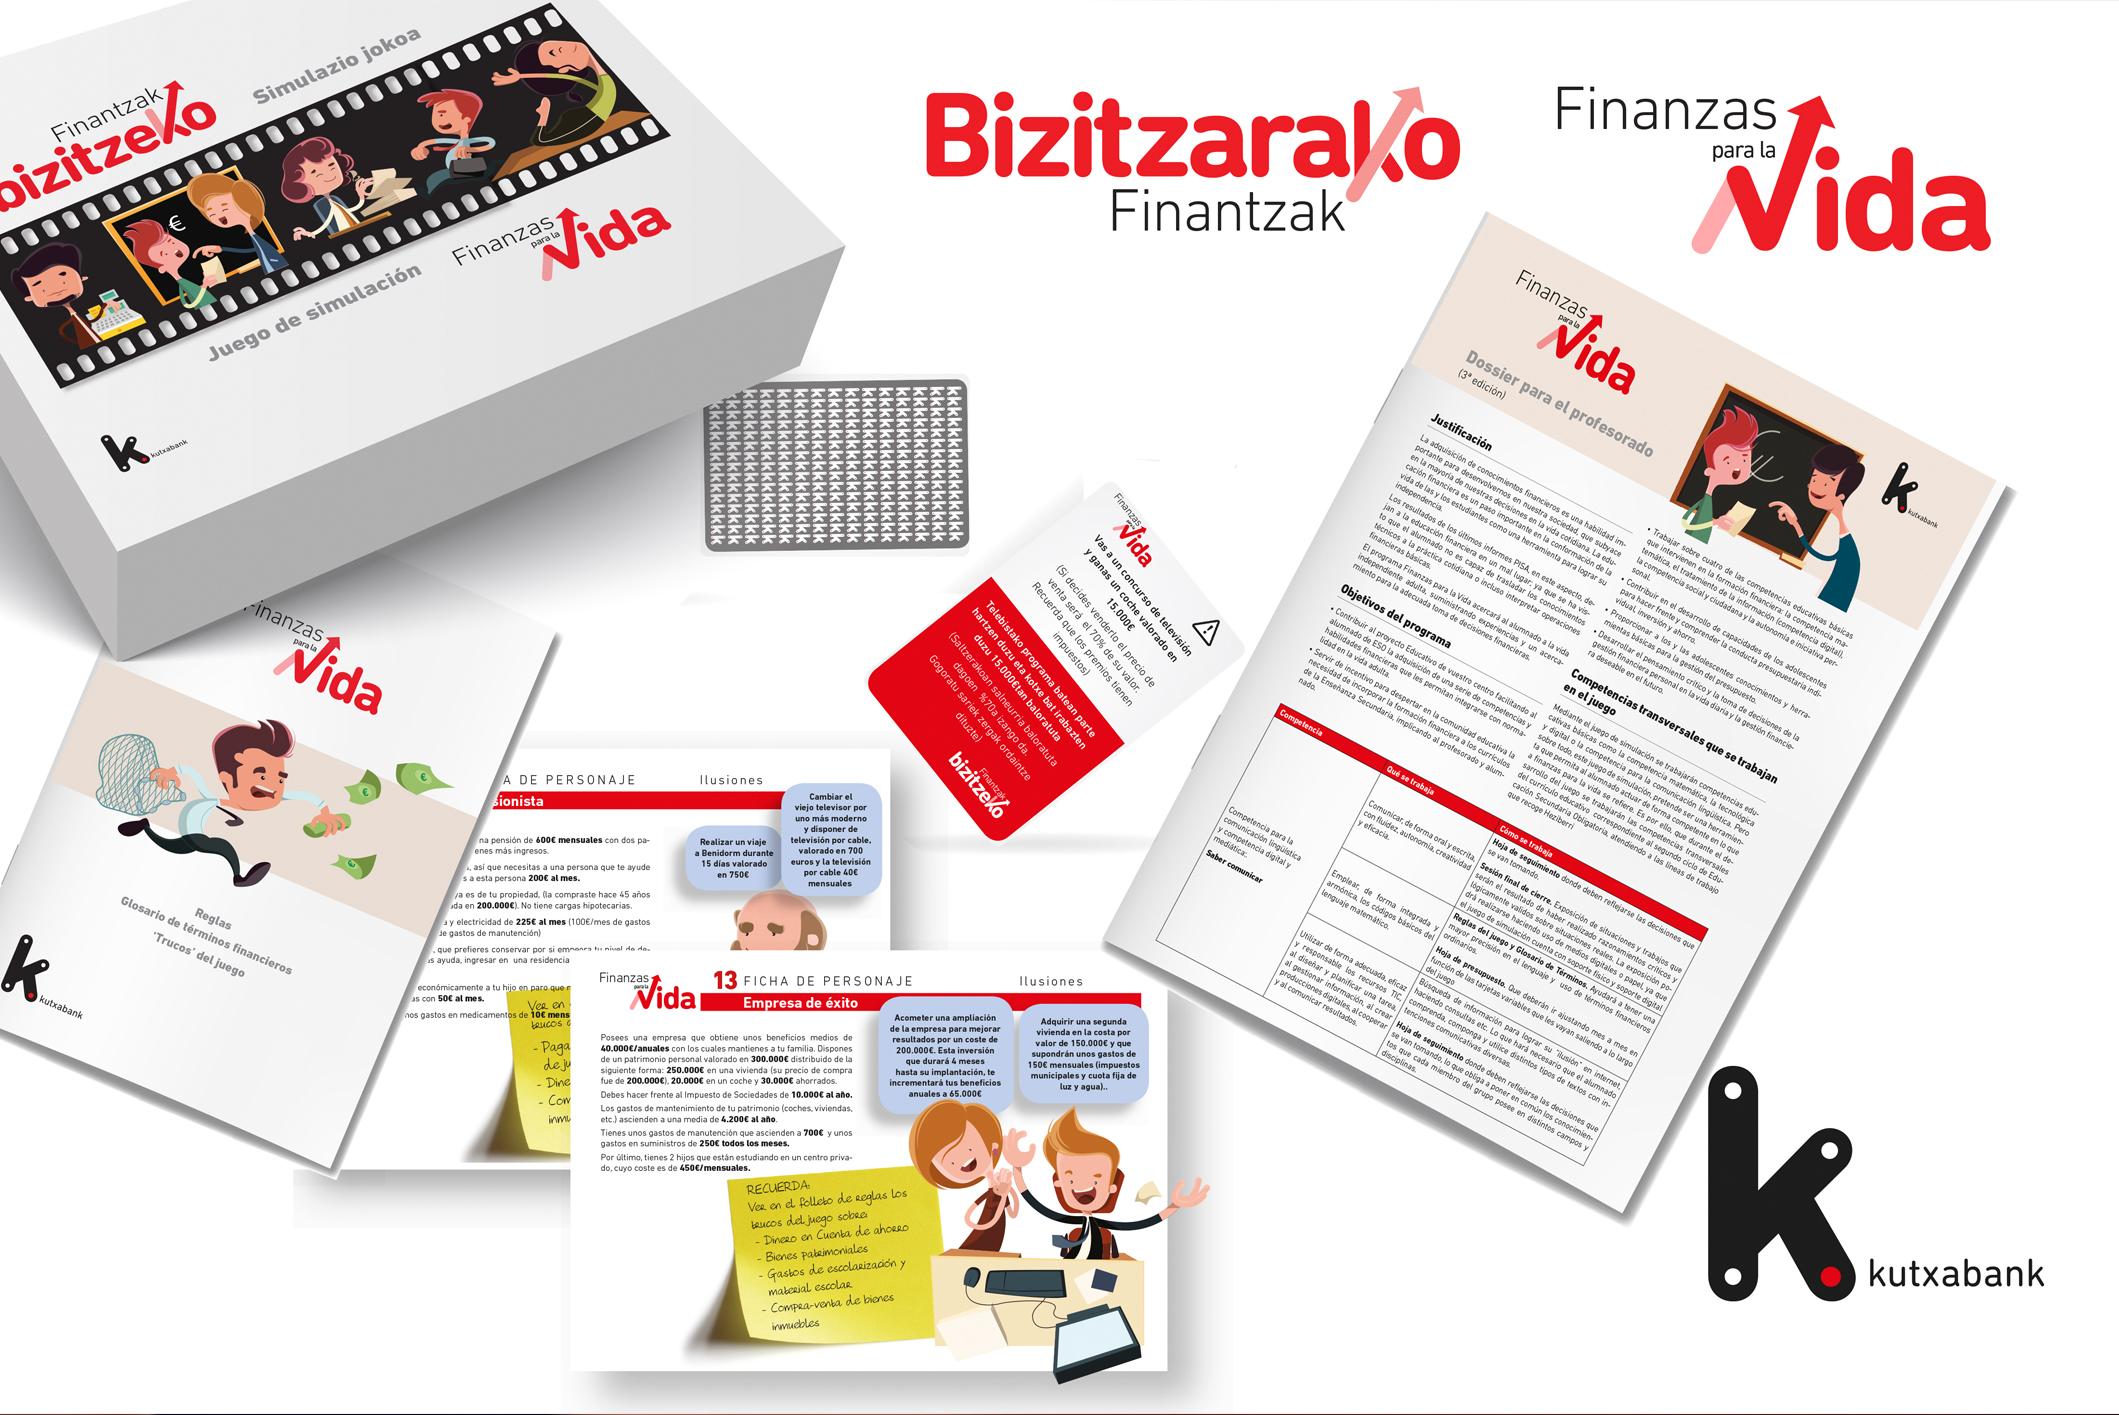 Kutxabank – Heziketa finantzieroari buruzko eskolako programaren material didaktikoa